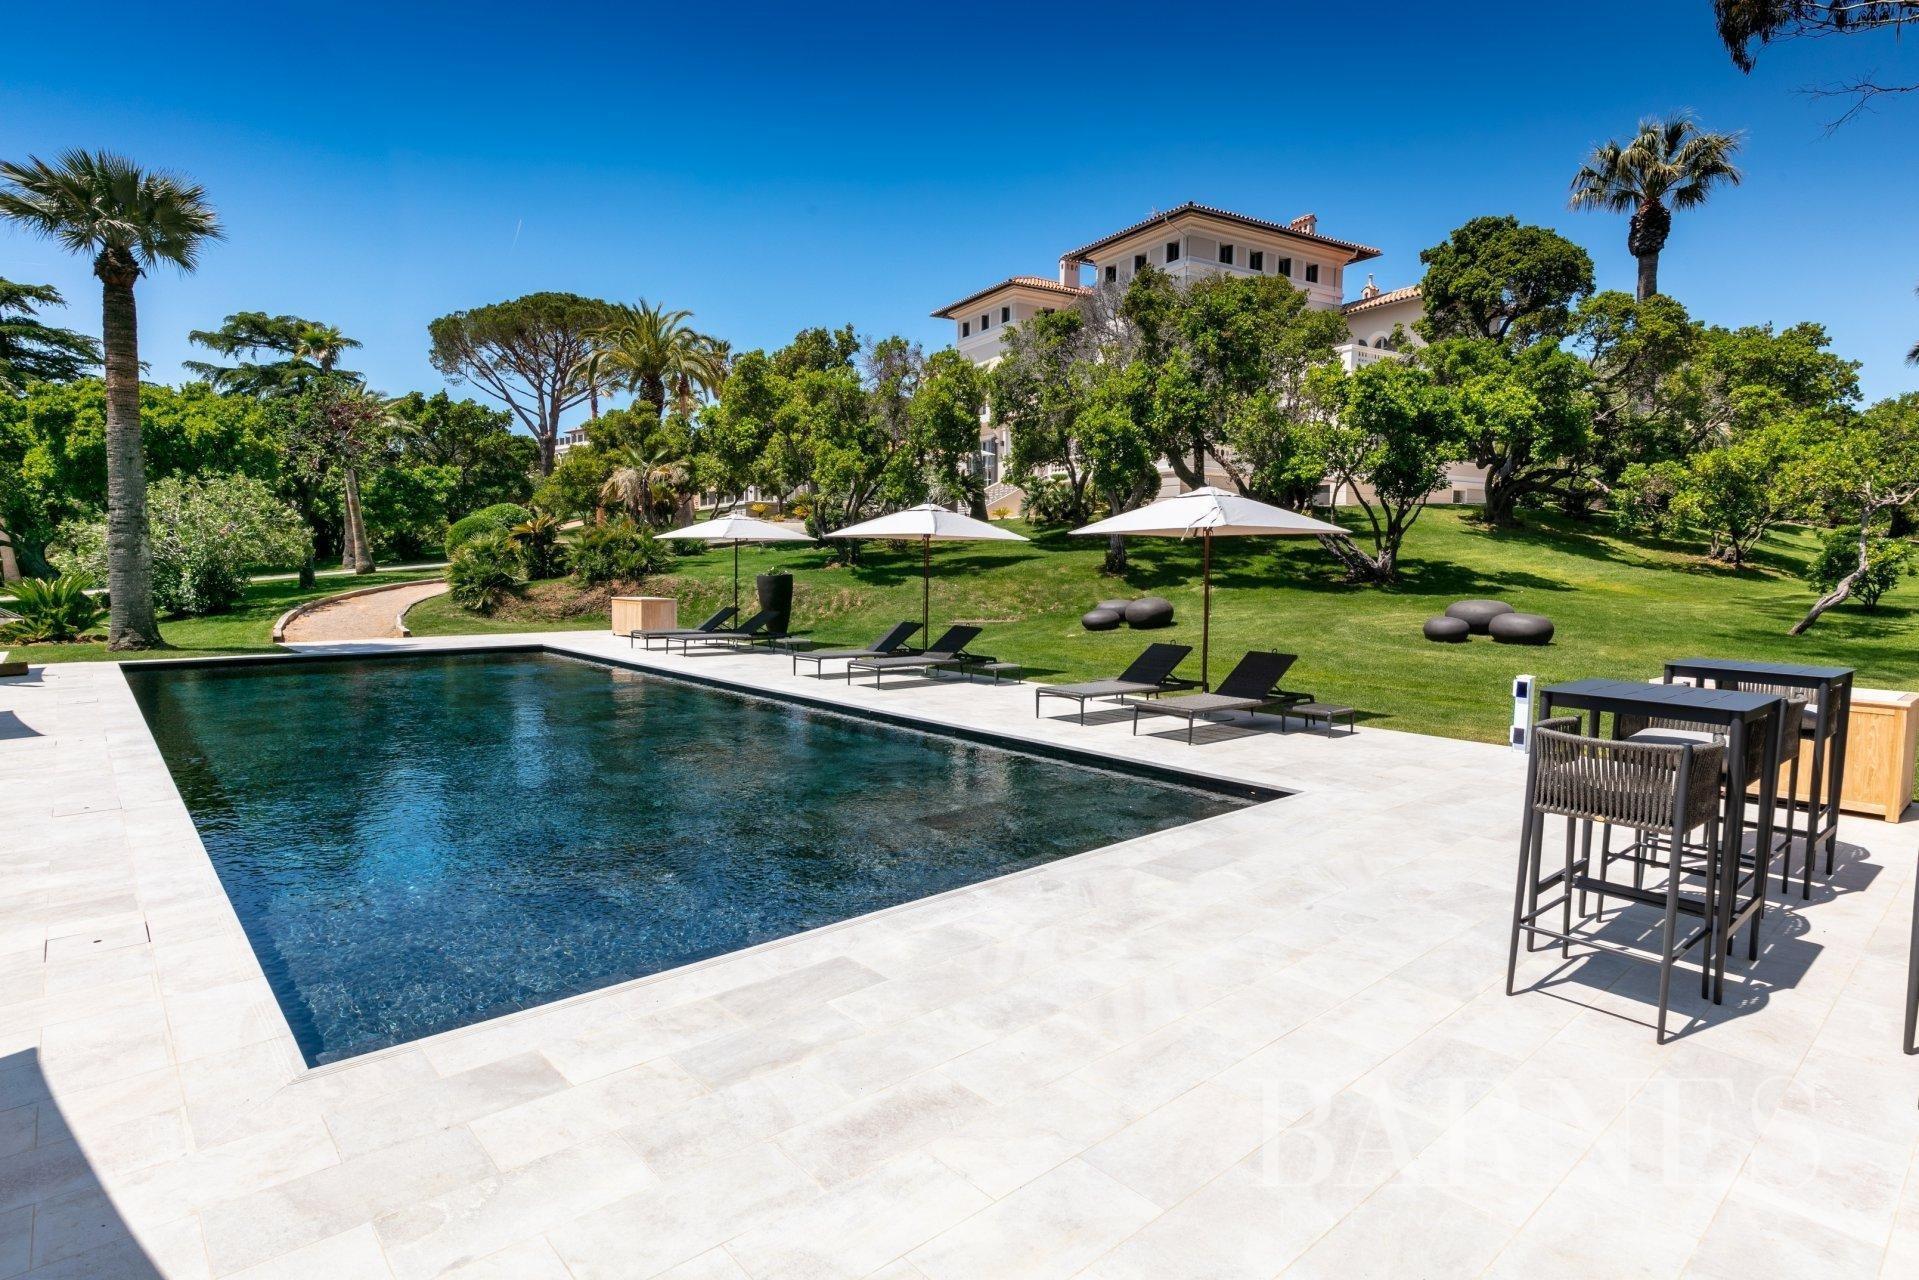 Villa in Saint-Tropez, Provence-Alpes-Côte d'Azur, France 1 - 10530827